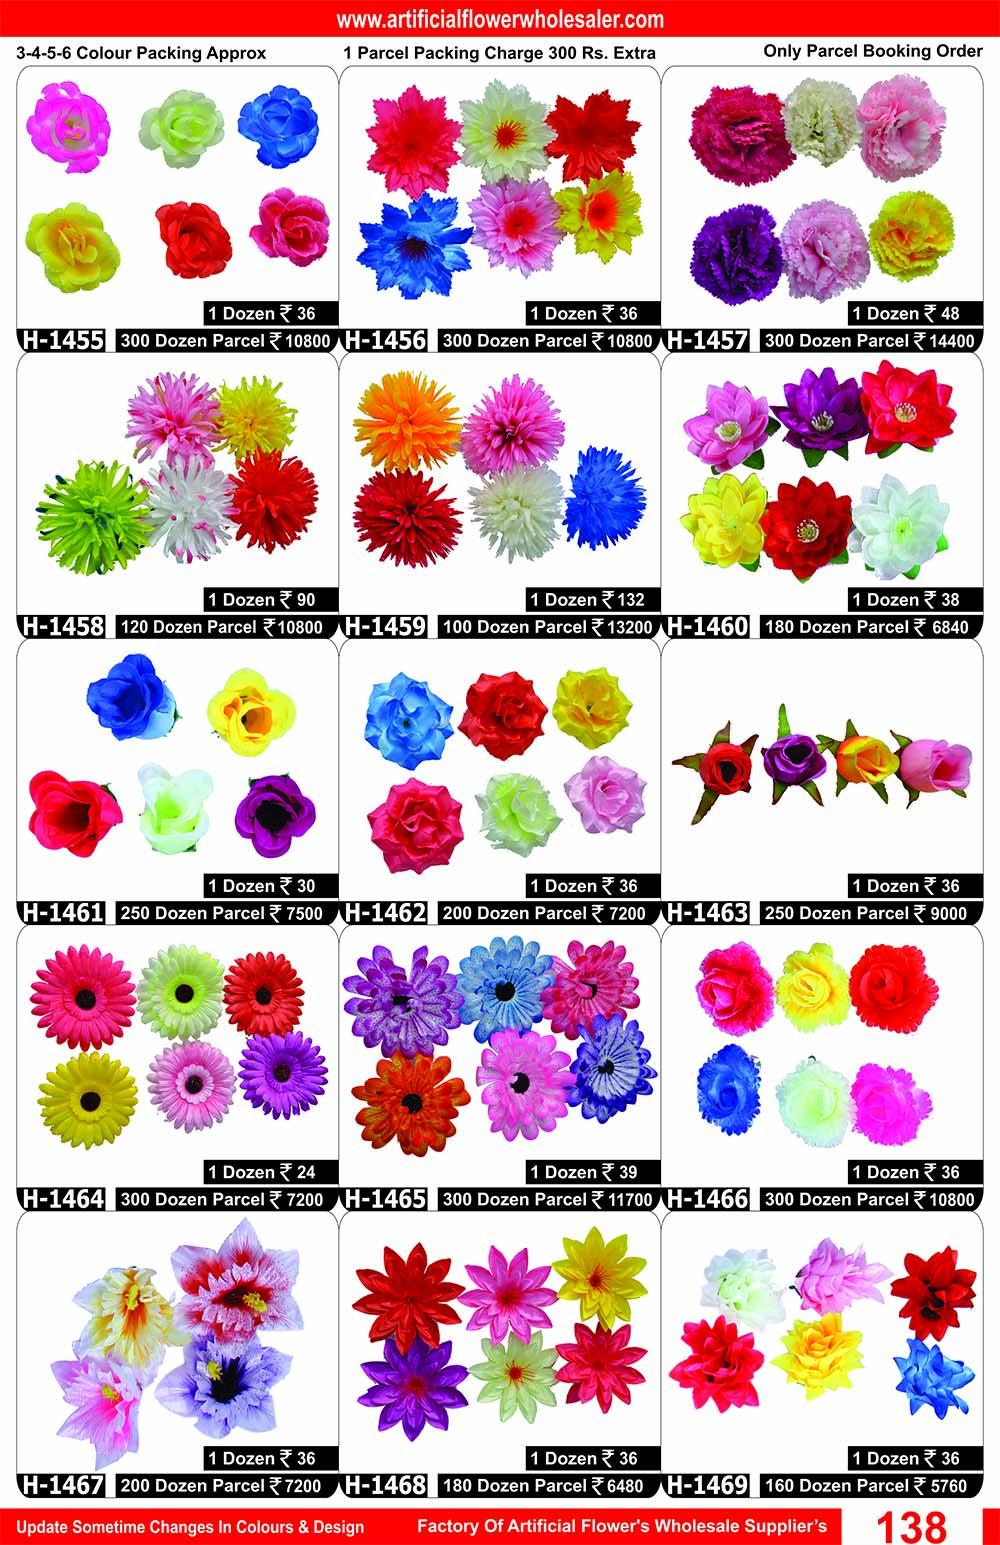 138-artificial-flower-wholesaler